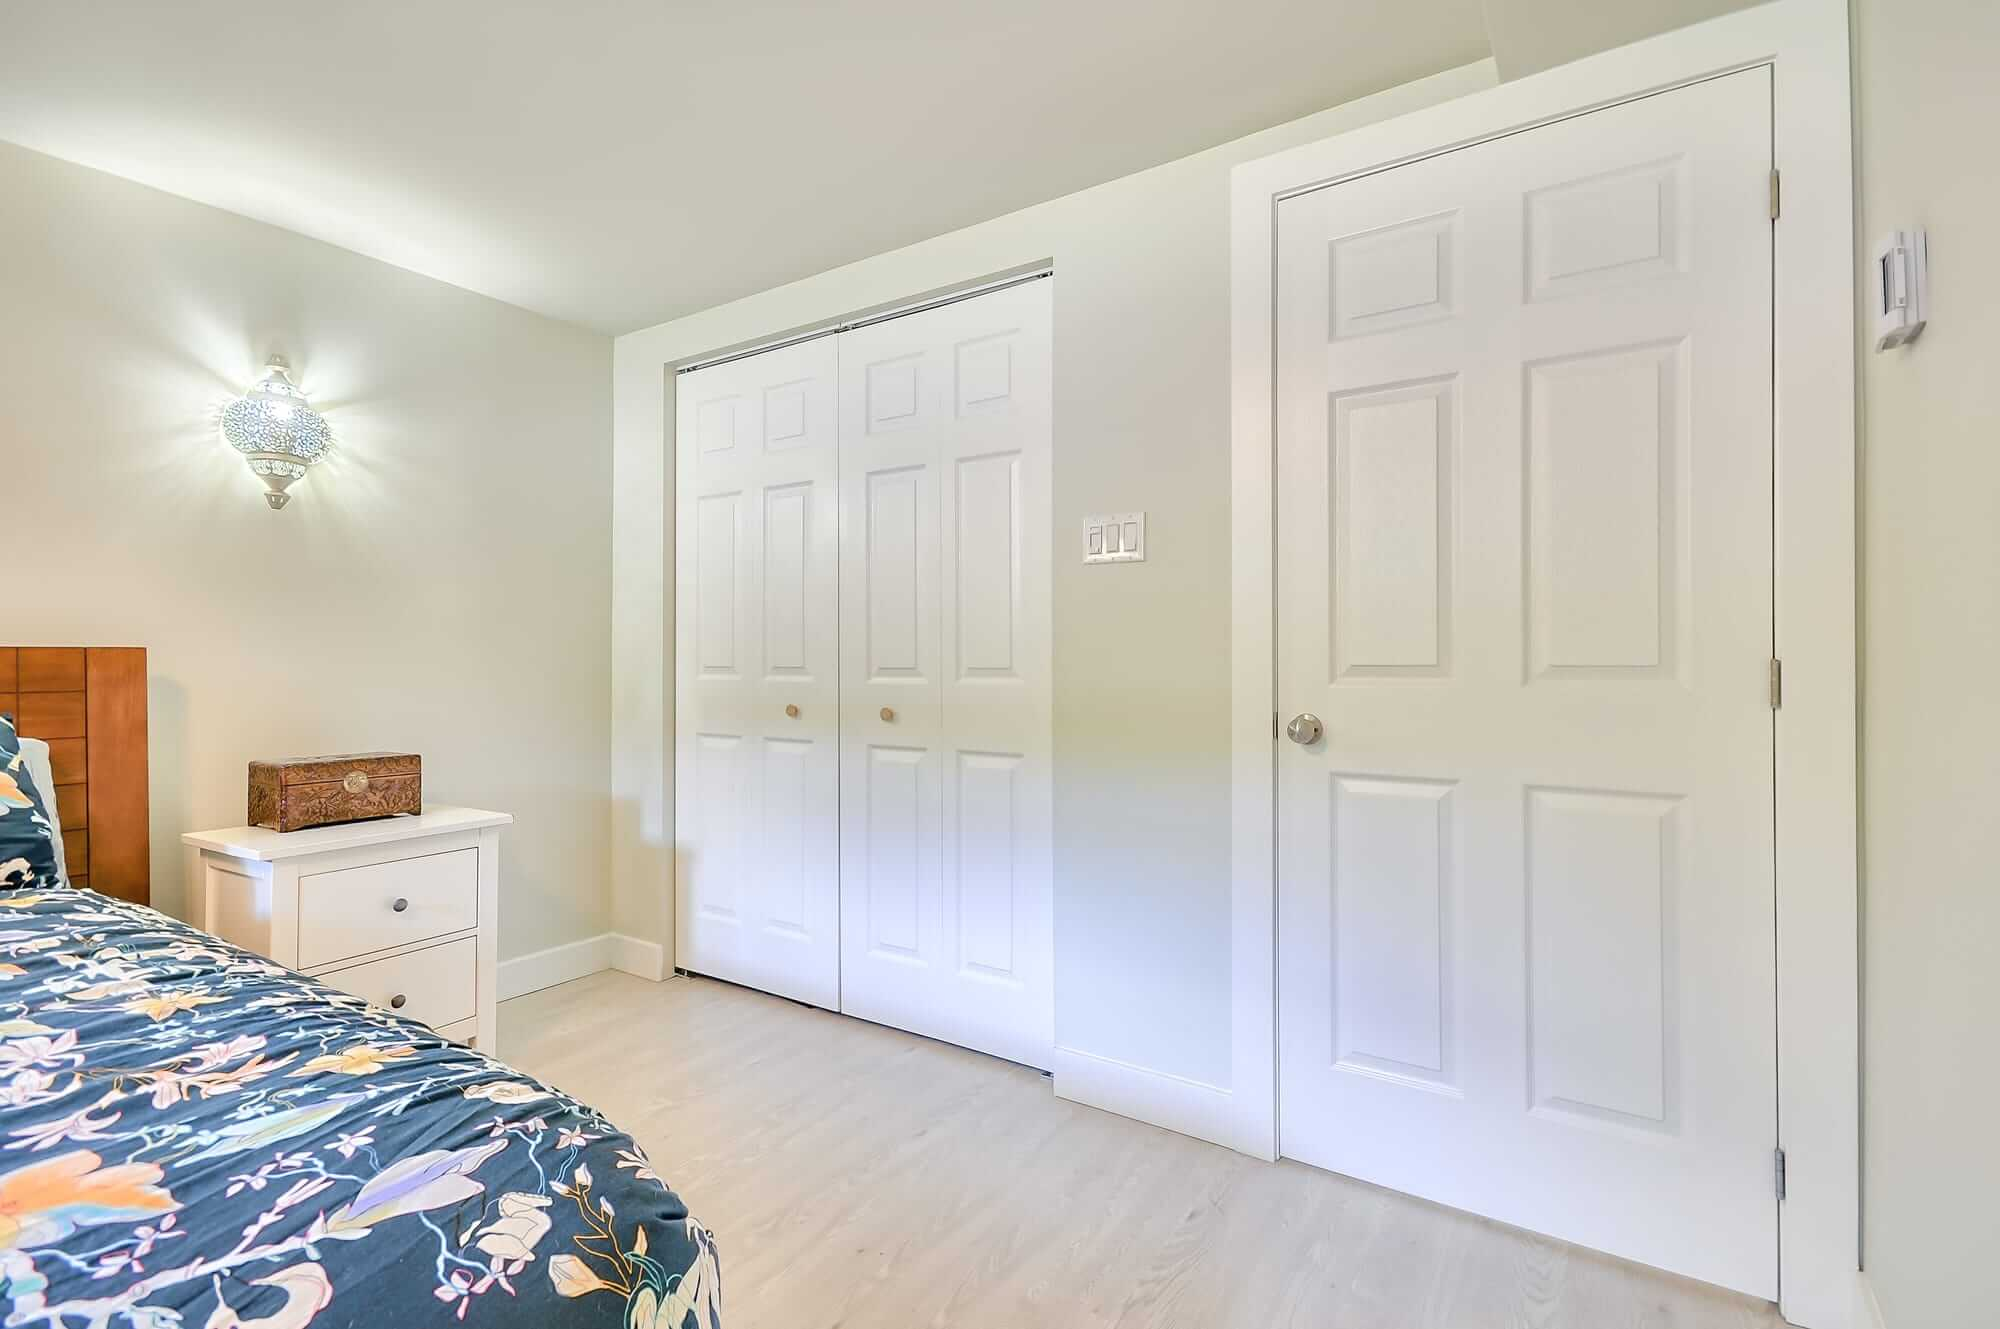 portes blanches dans une chambre au sous-sol